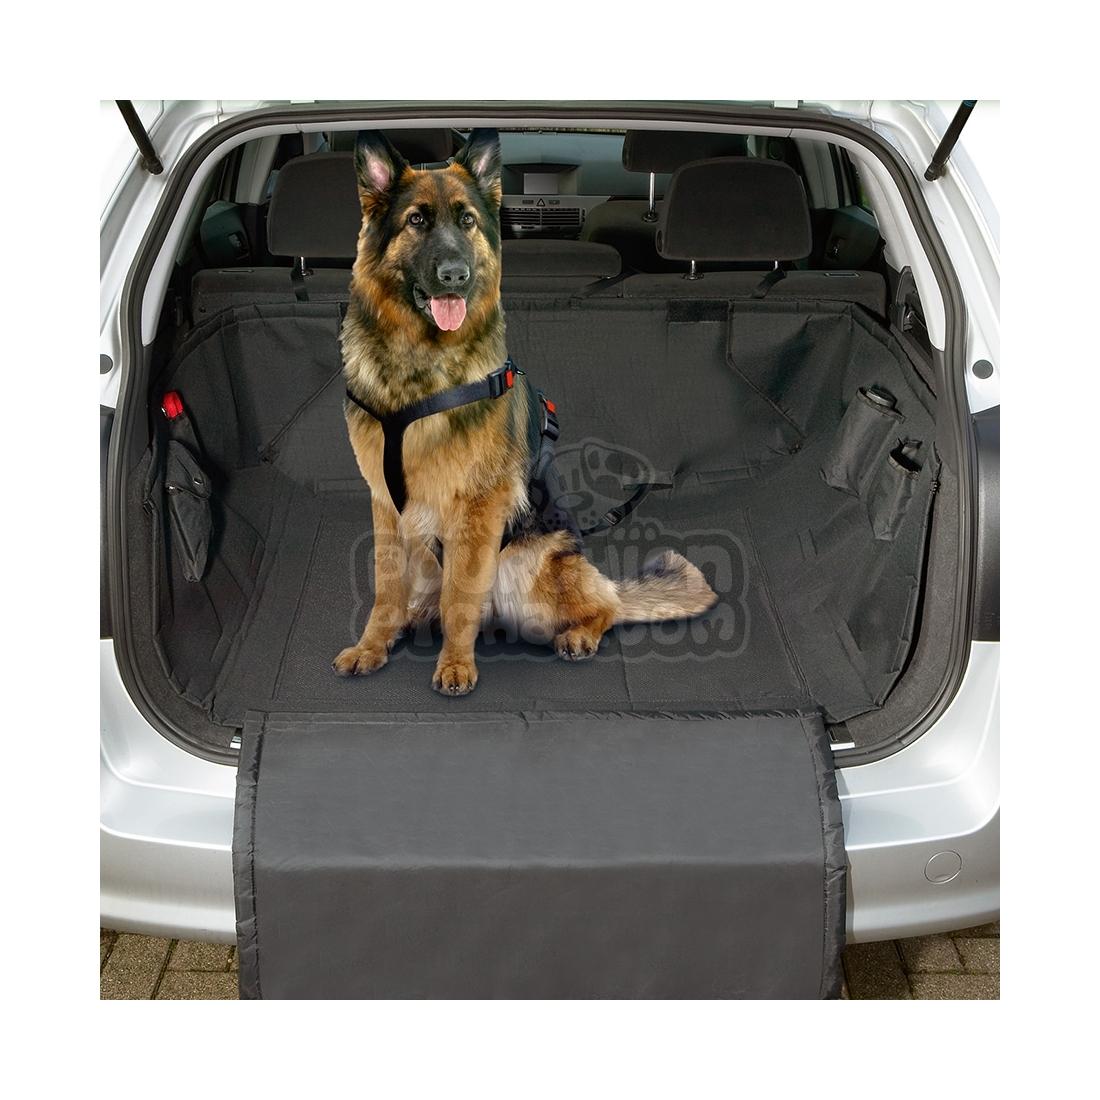 Protection coffre voiture pour chien 28 images for Housse protection coffre chien